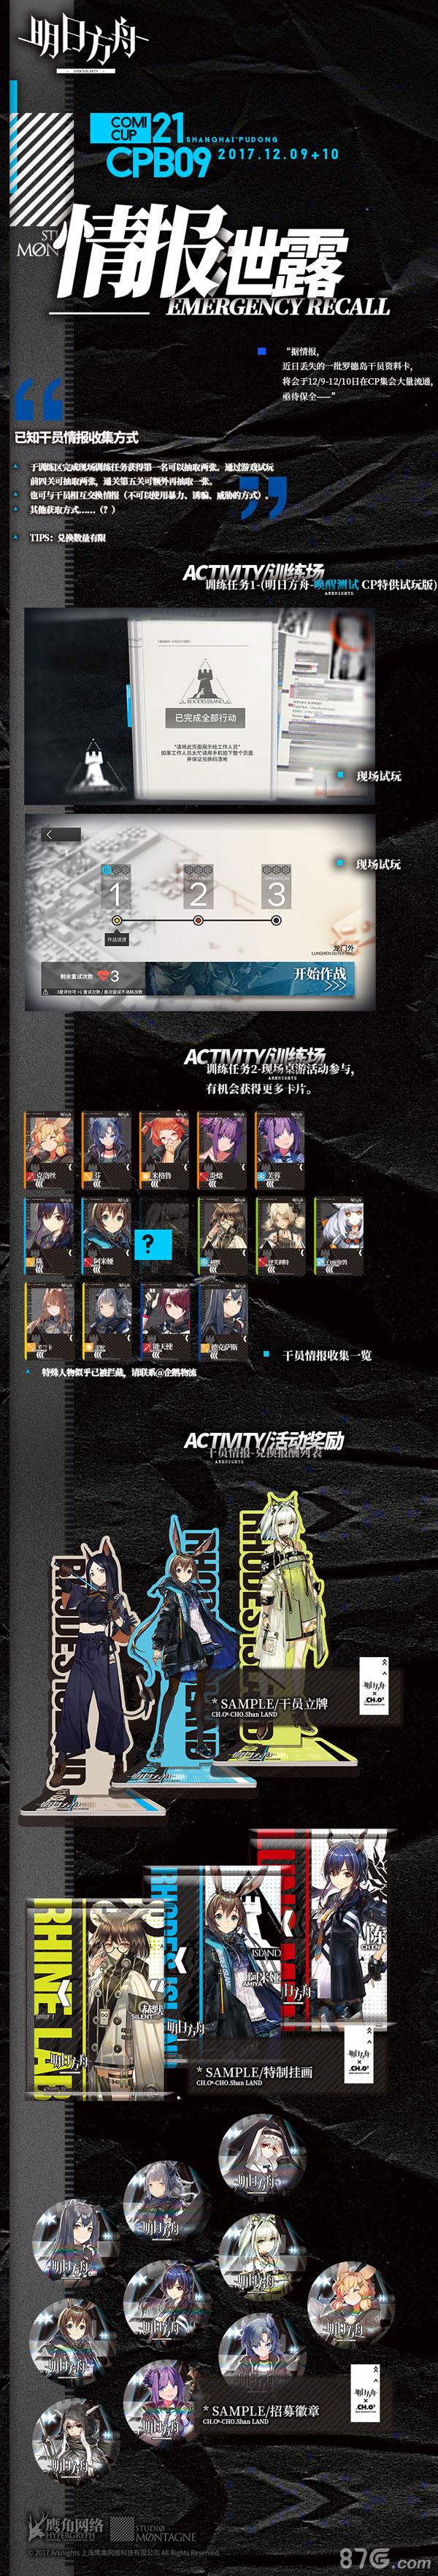 明日方舟参展COMCUP213